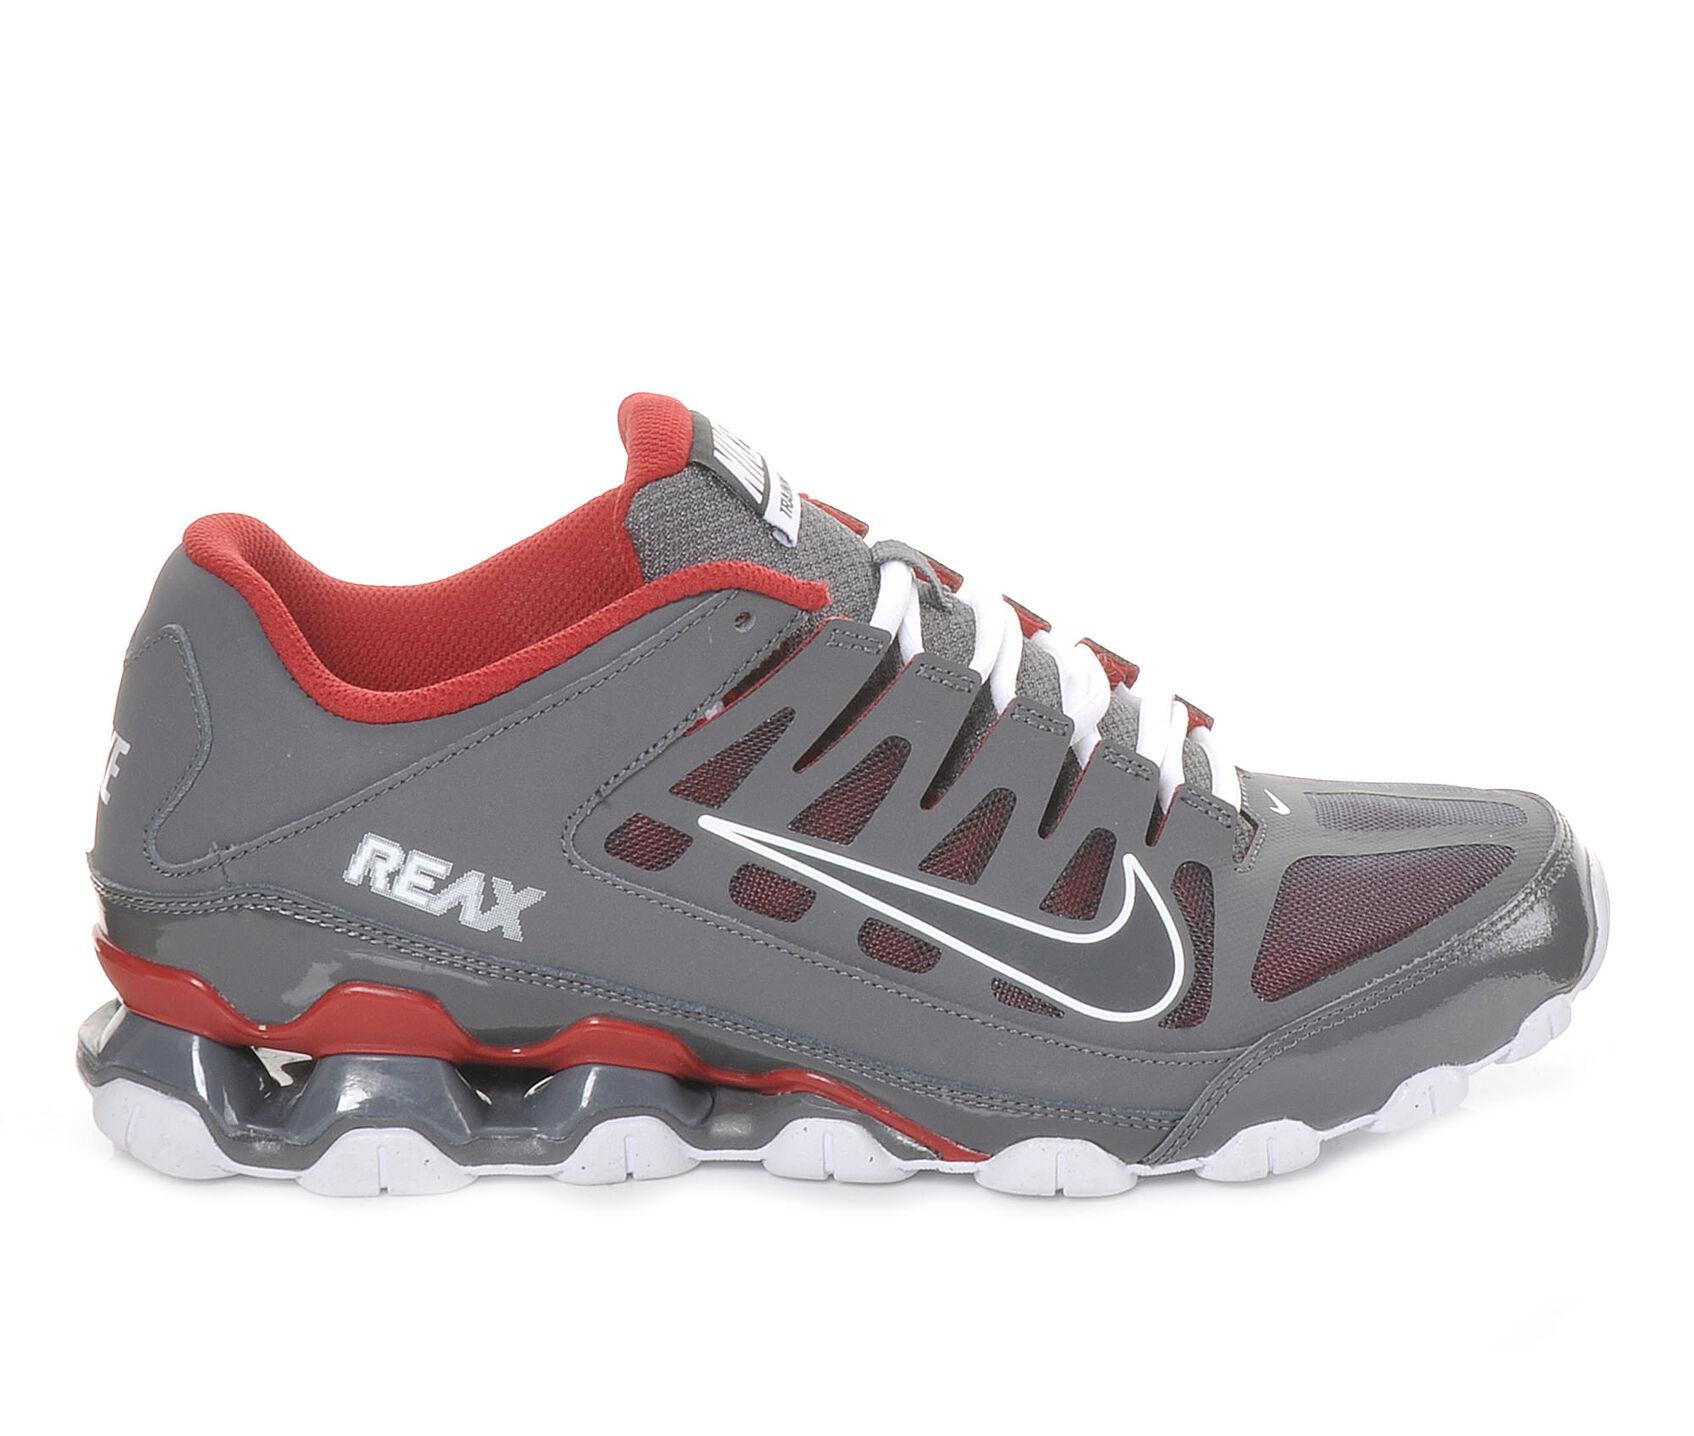 866094fee ... Nike Reax 8 TR Mesh Training Shoes. Previous